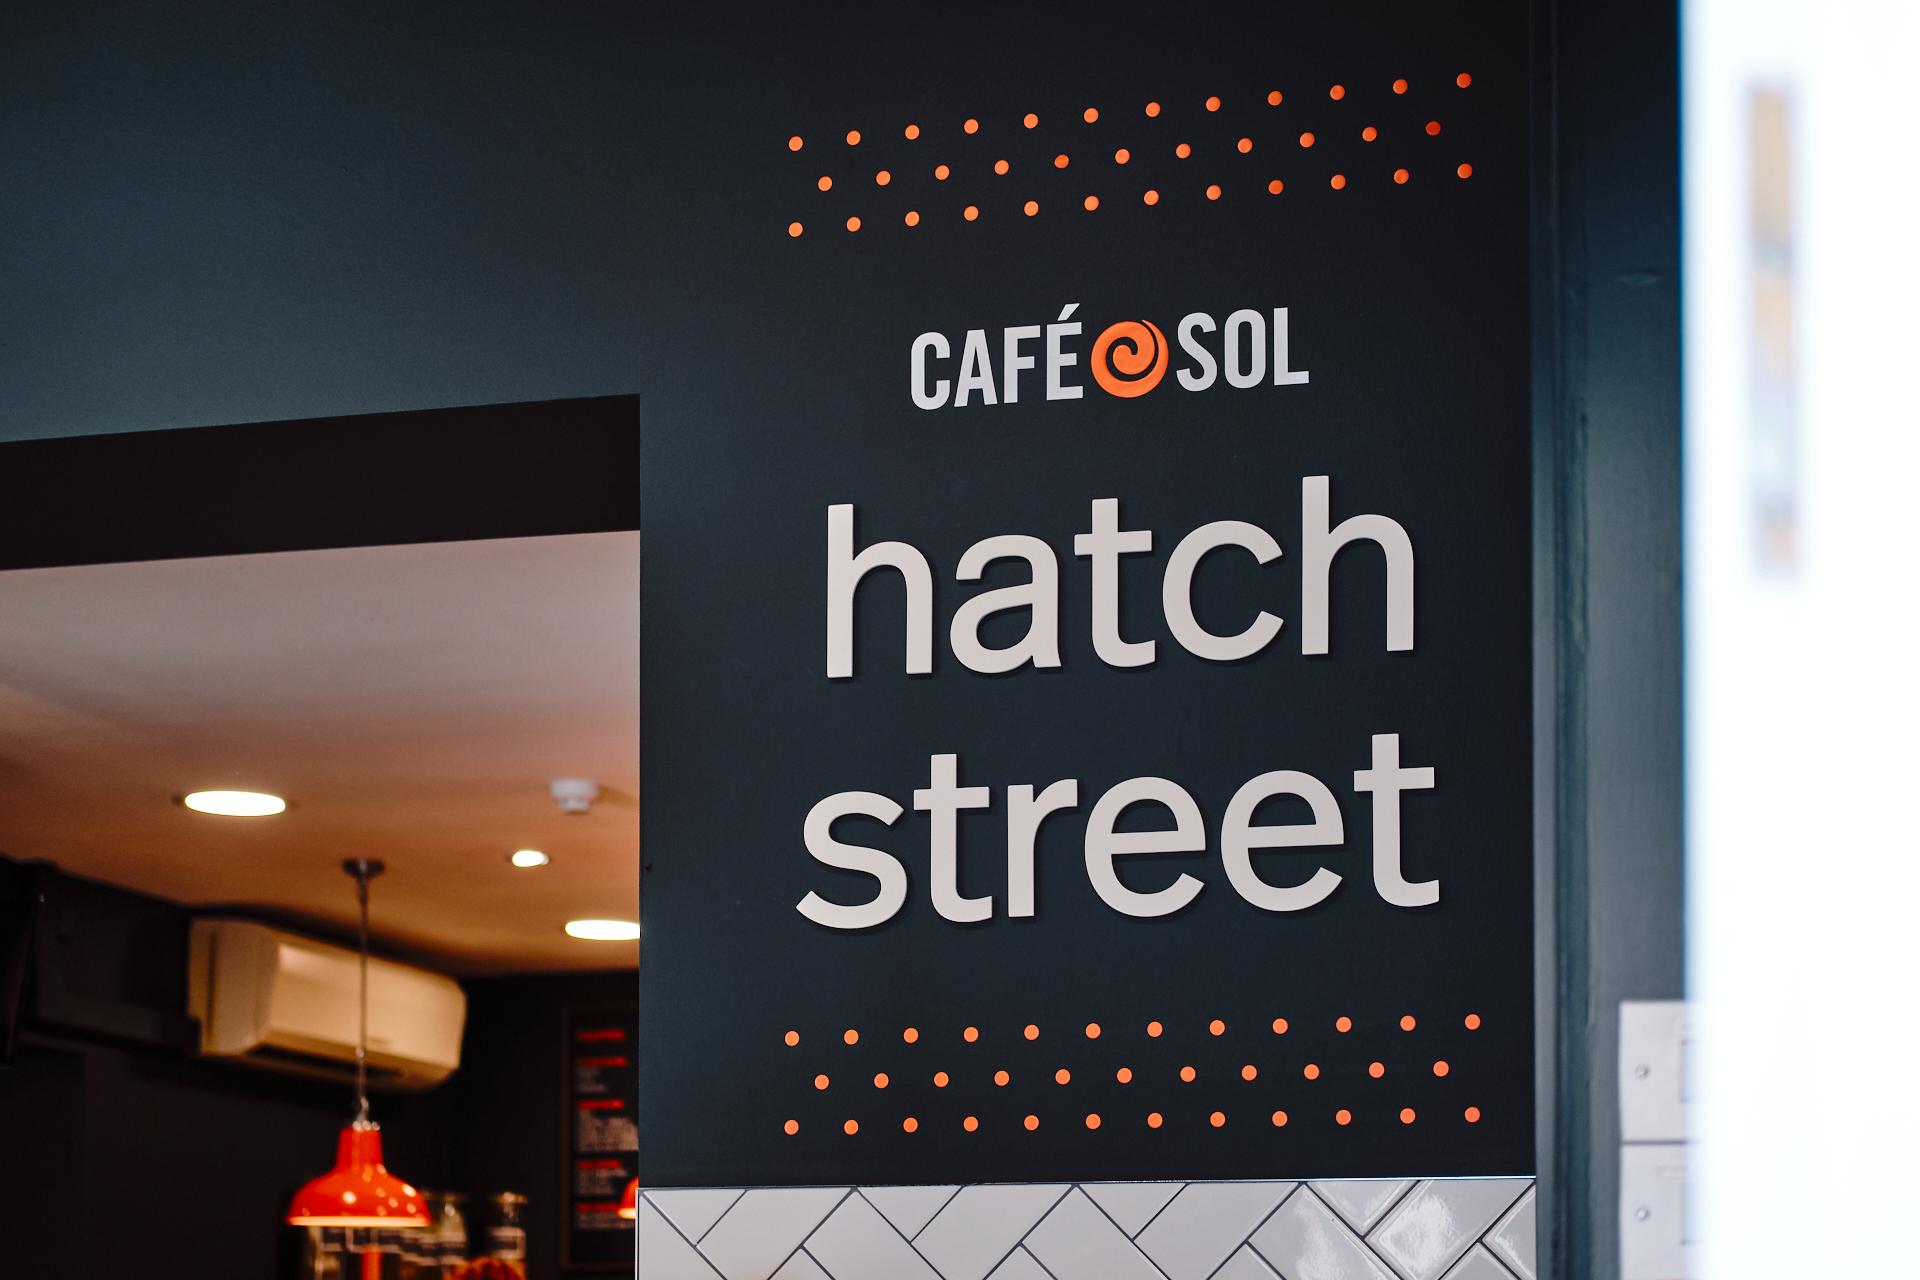 brennan & stevens Cafe Sol branding